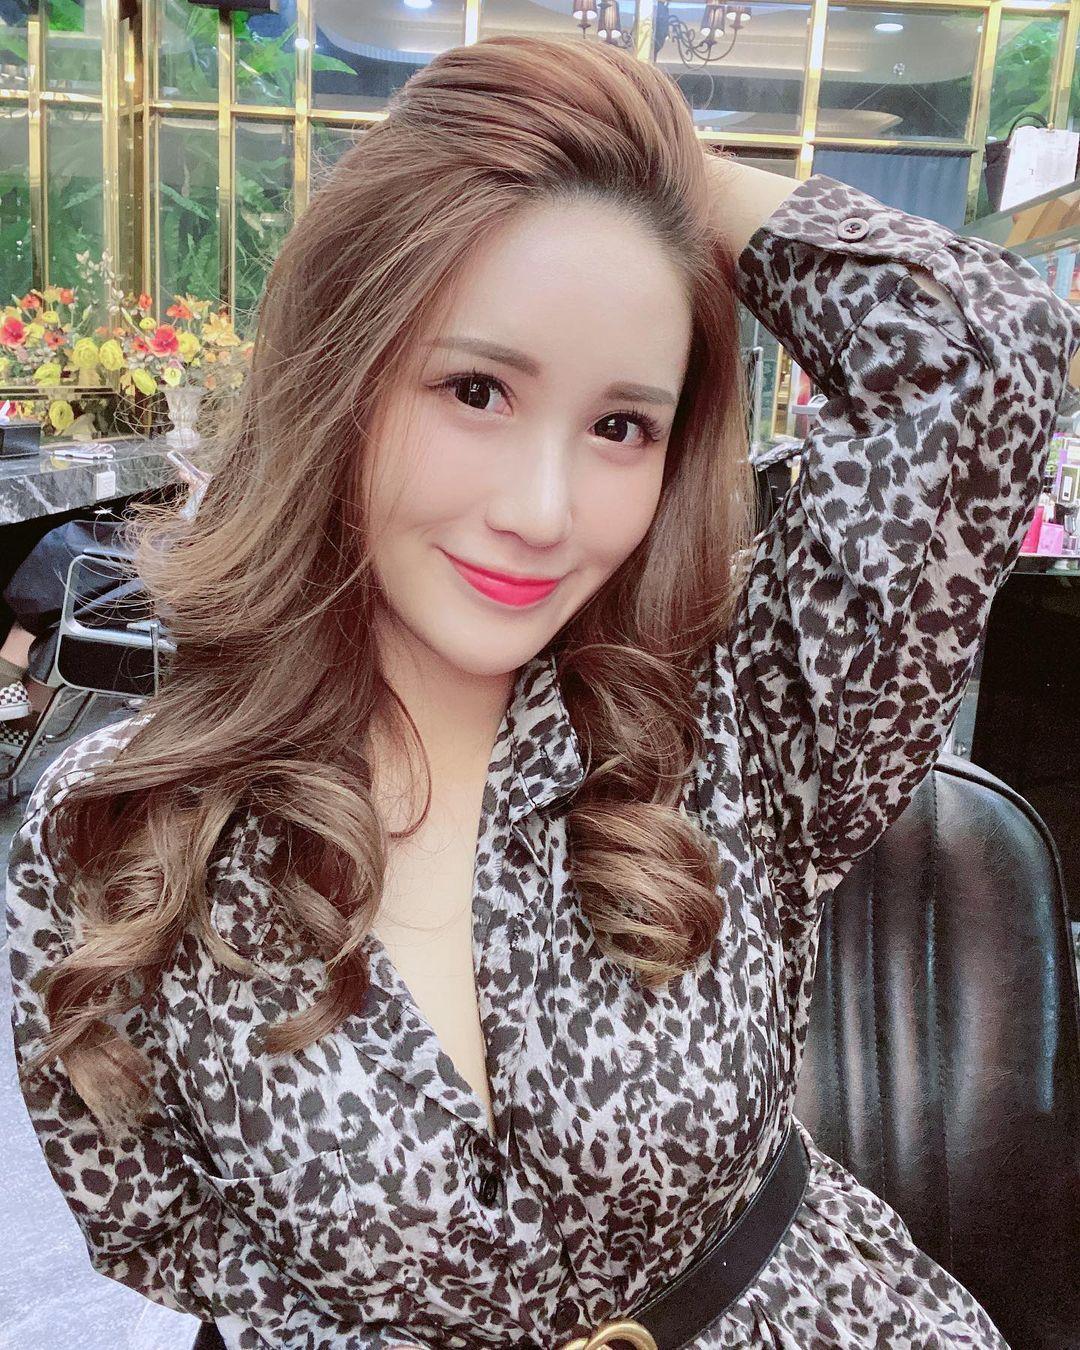 恋爱系女孩「华华Bivi」画面震撼让粉丝吓坏